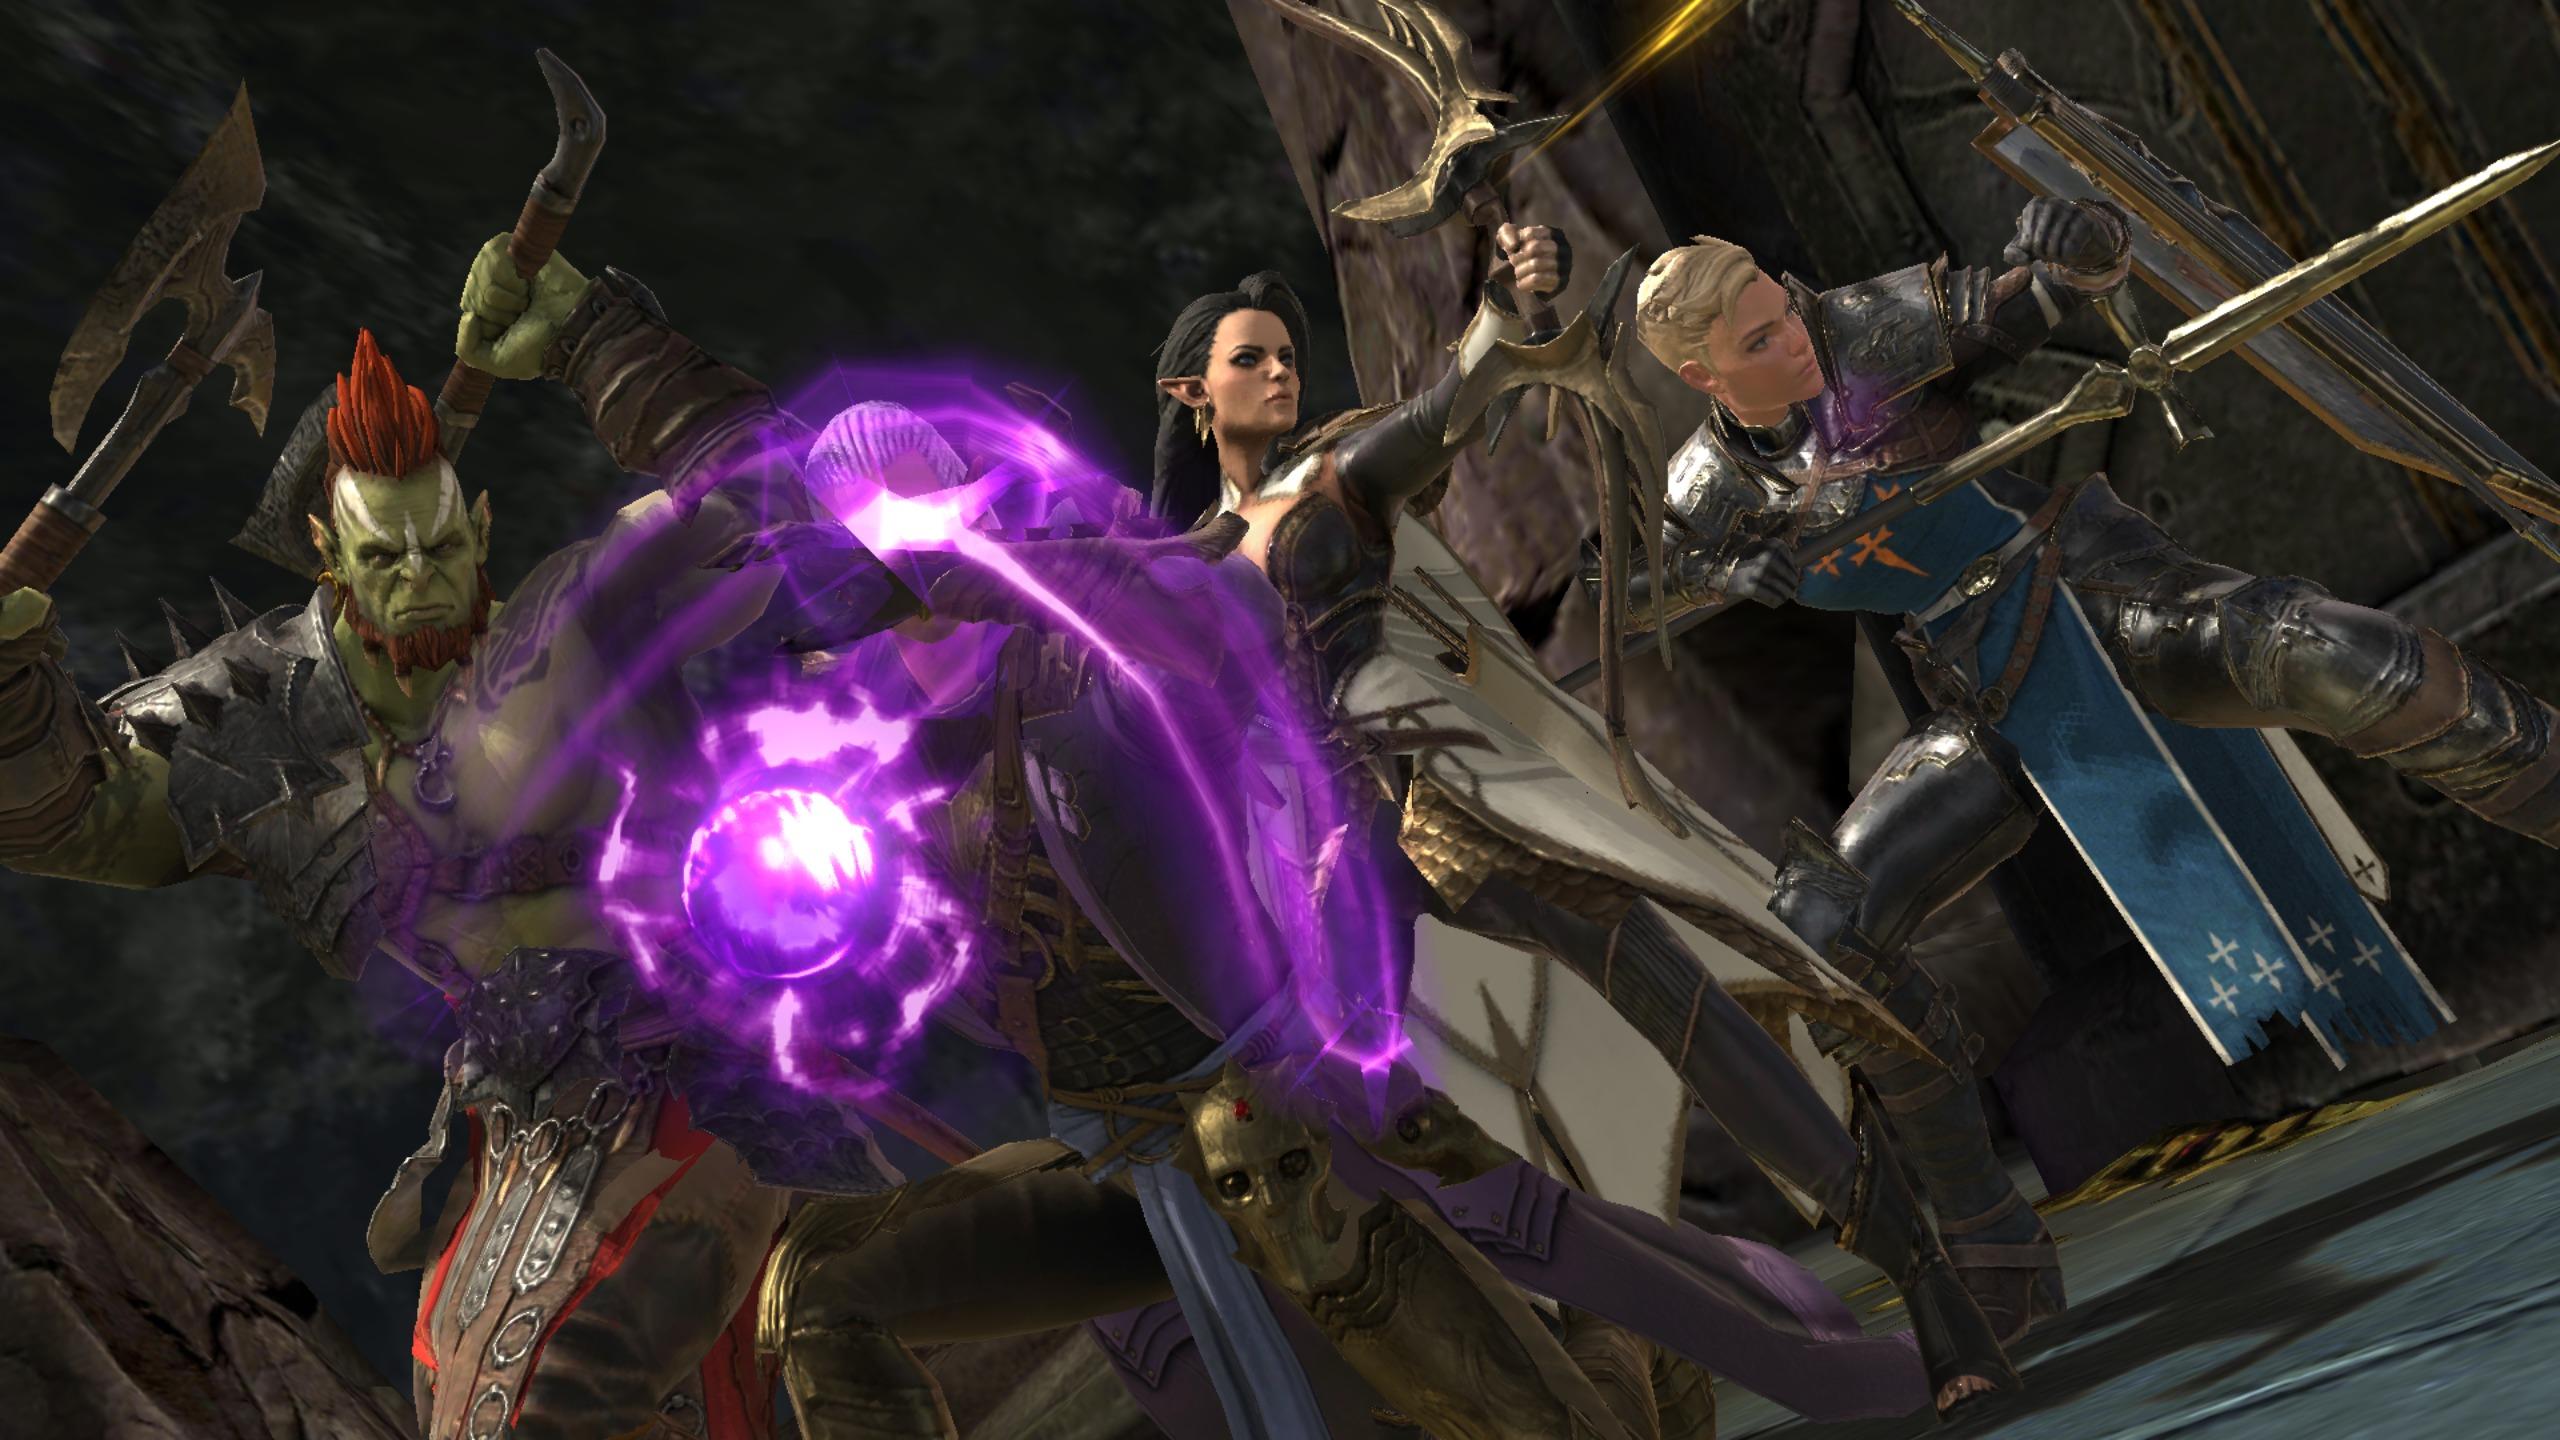 レイドシャドウレジェンド(raid shadow legends)の最強おすすめキャラランキング。